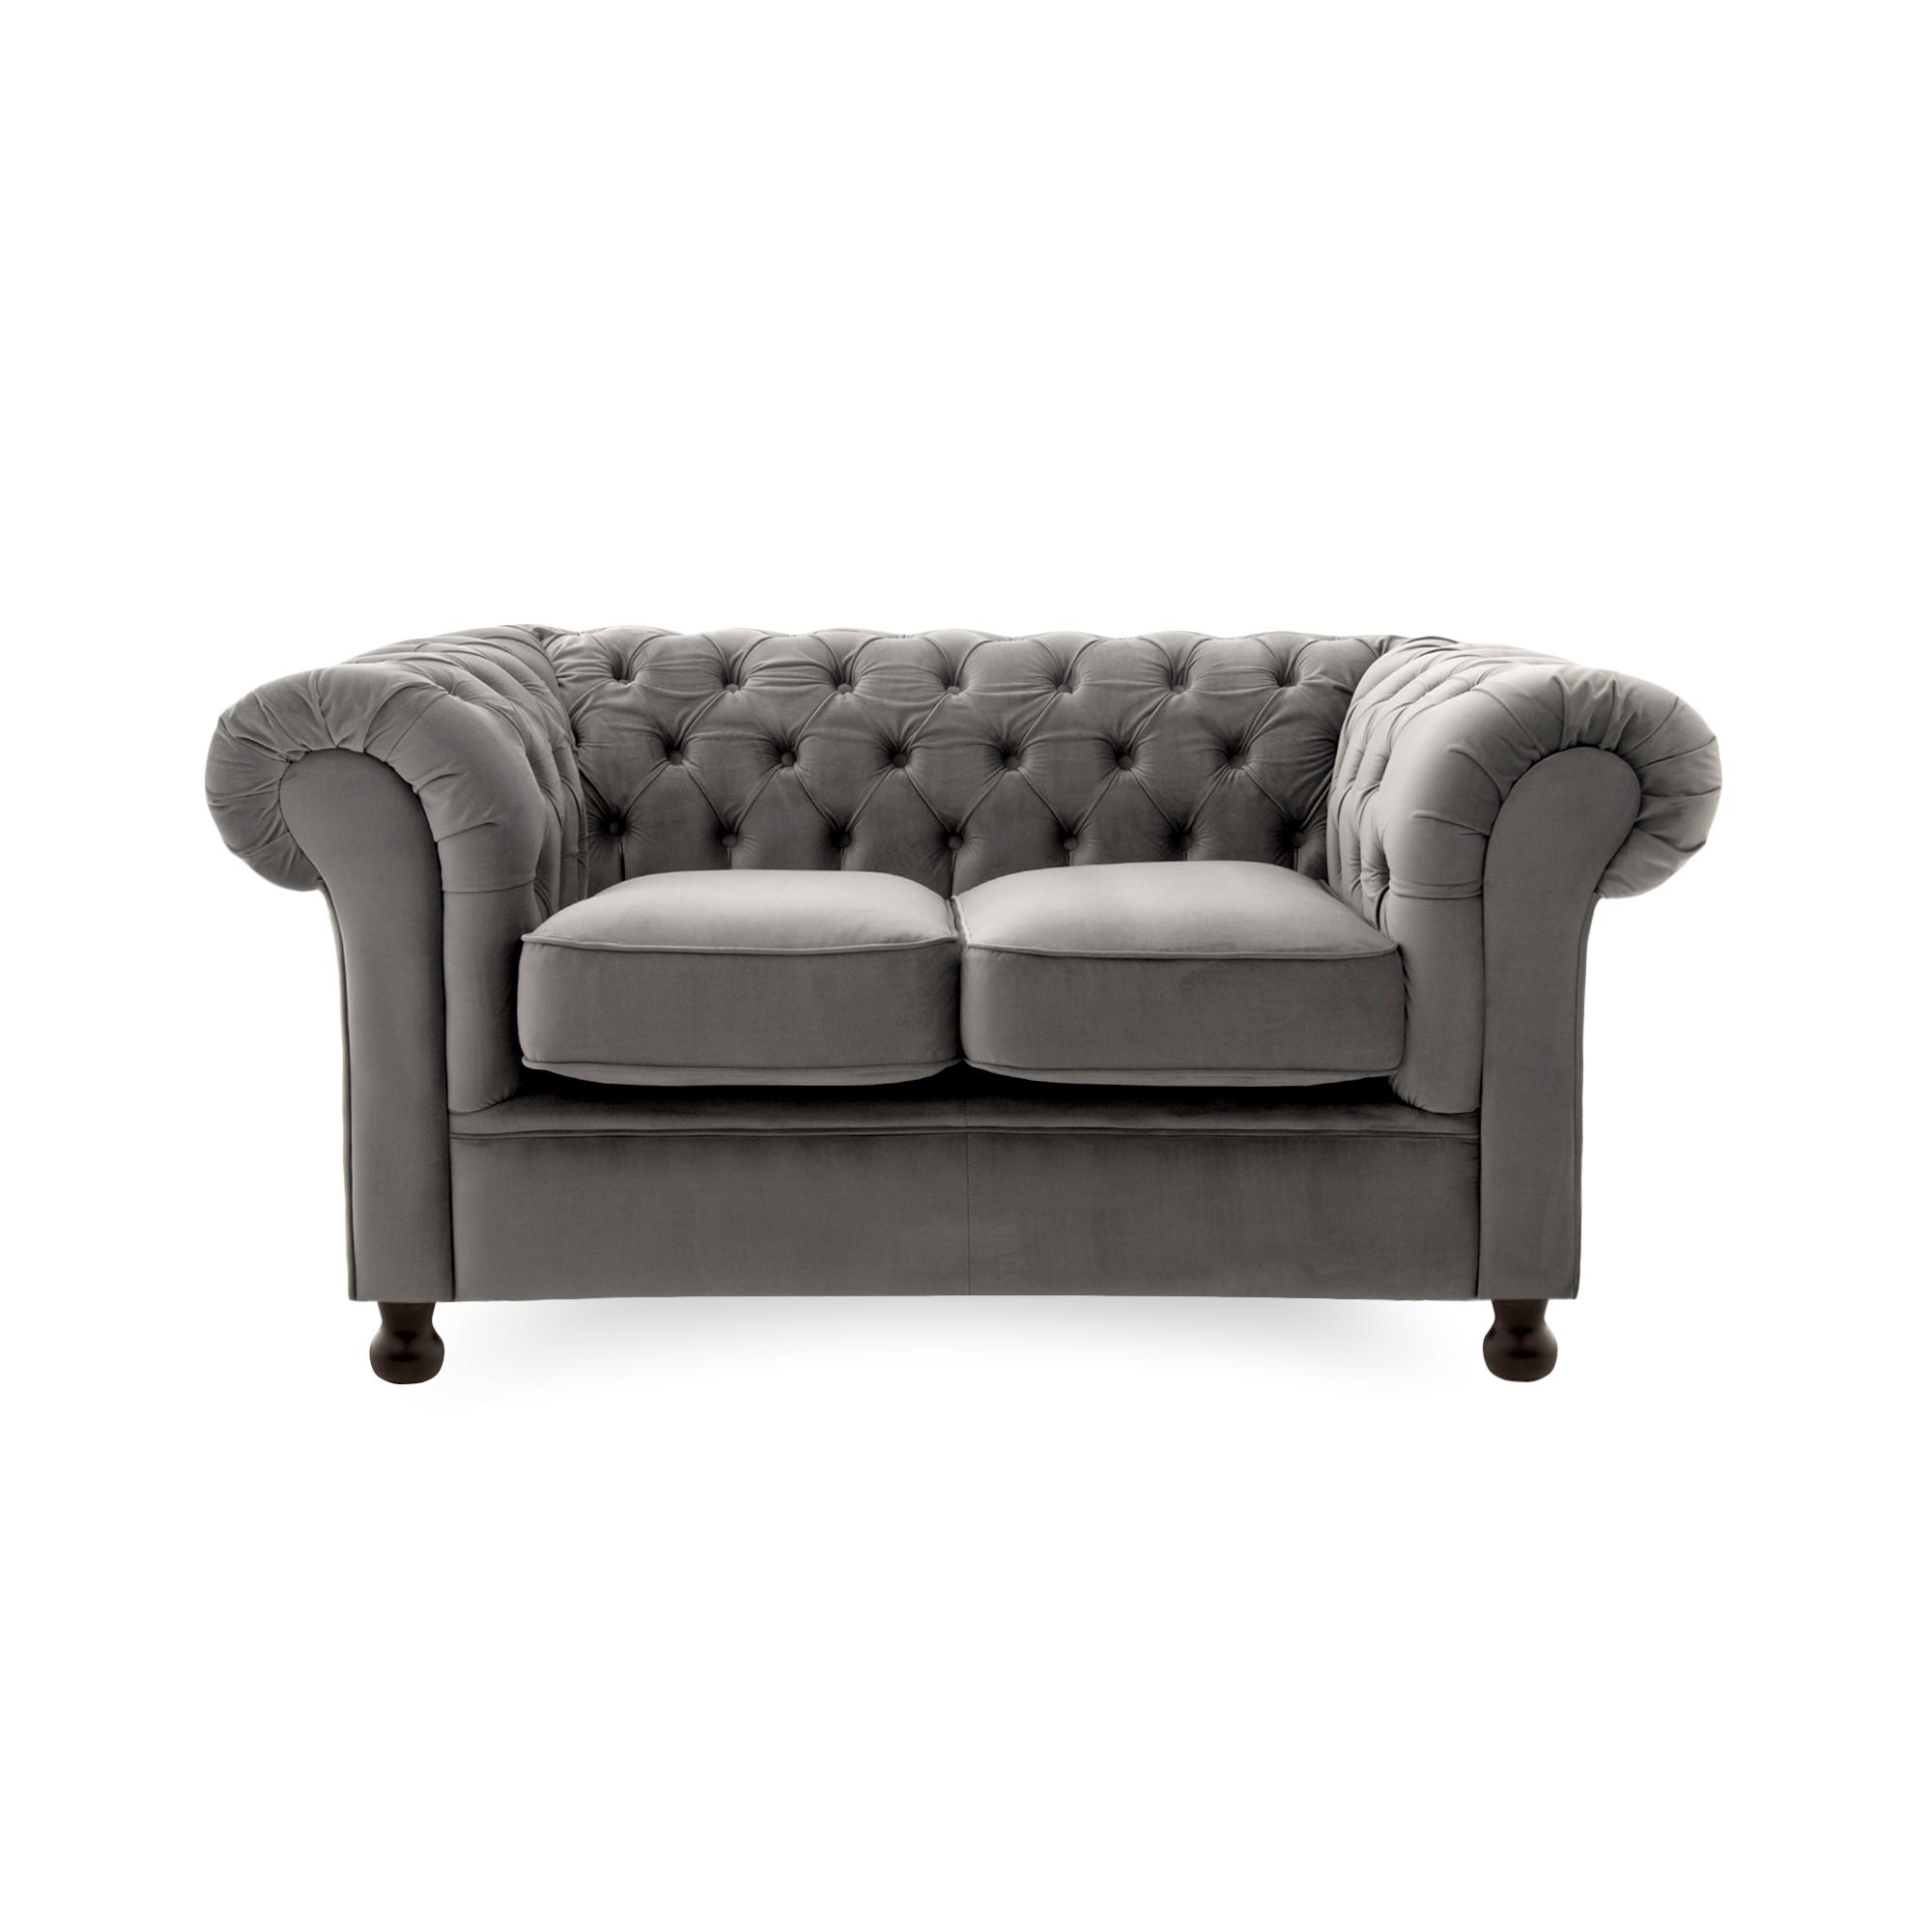 Canapea Fixa 2 locuri Chesterfield Silver